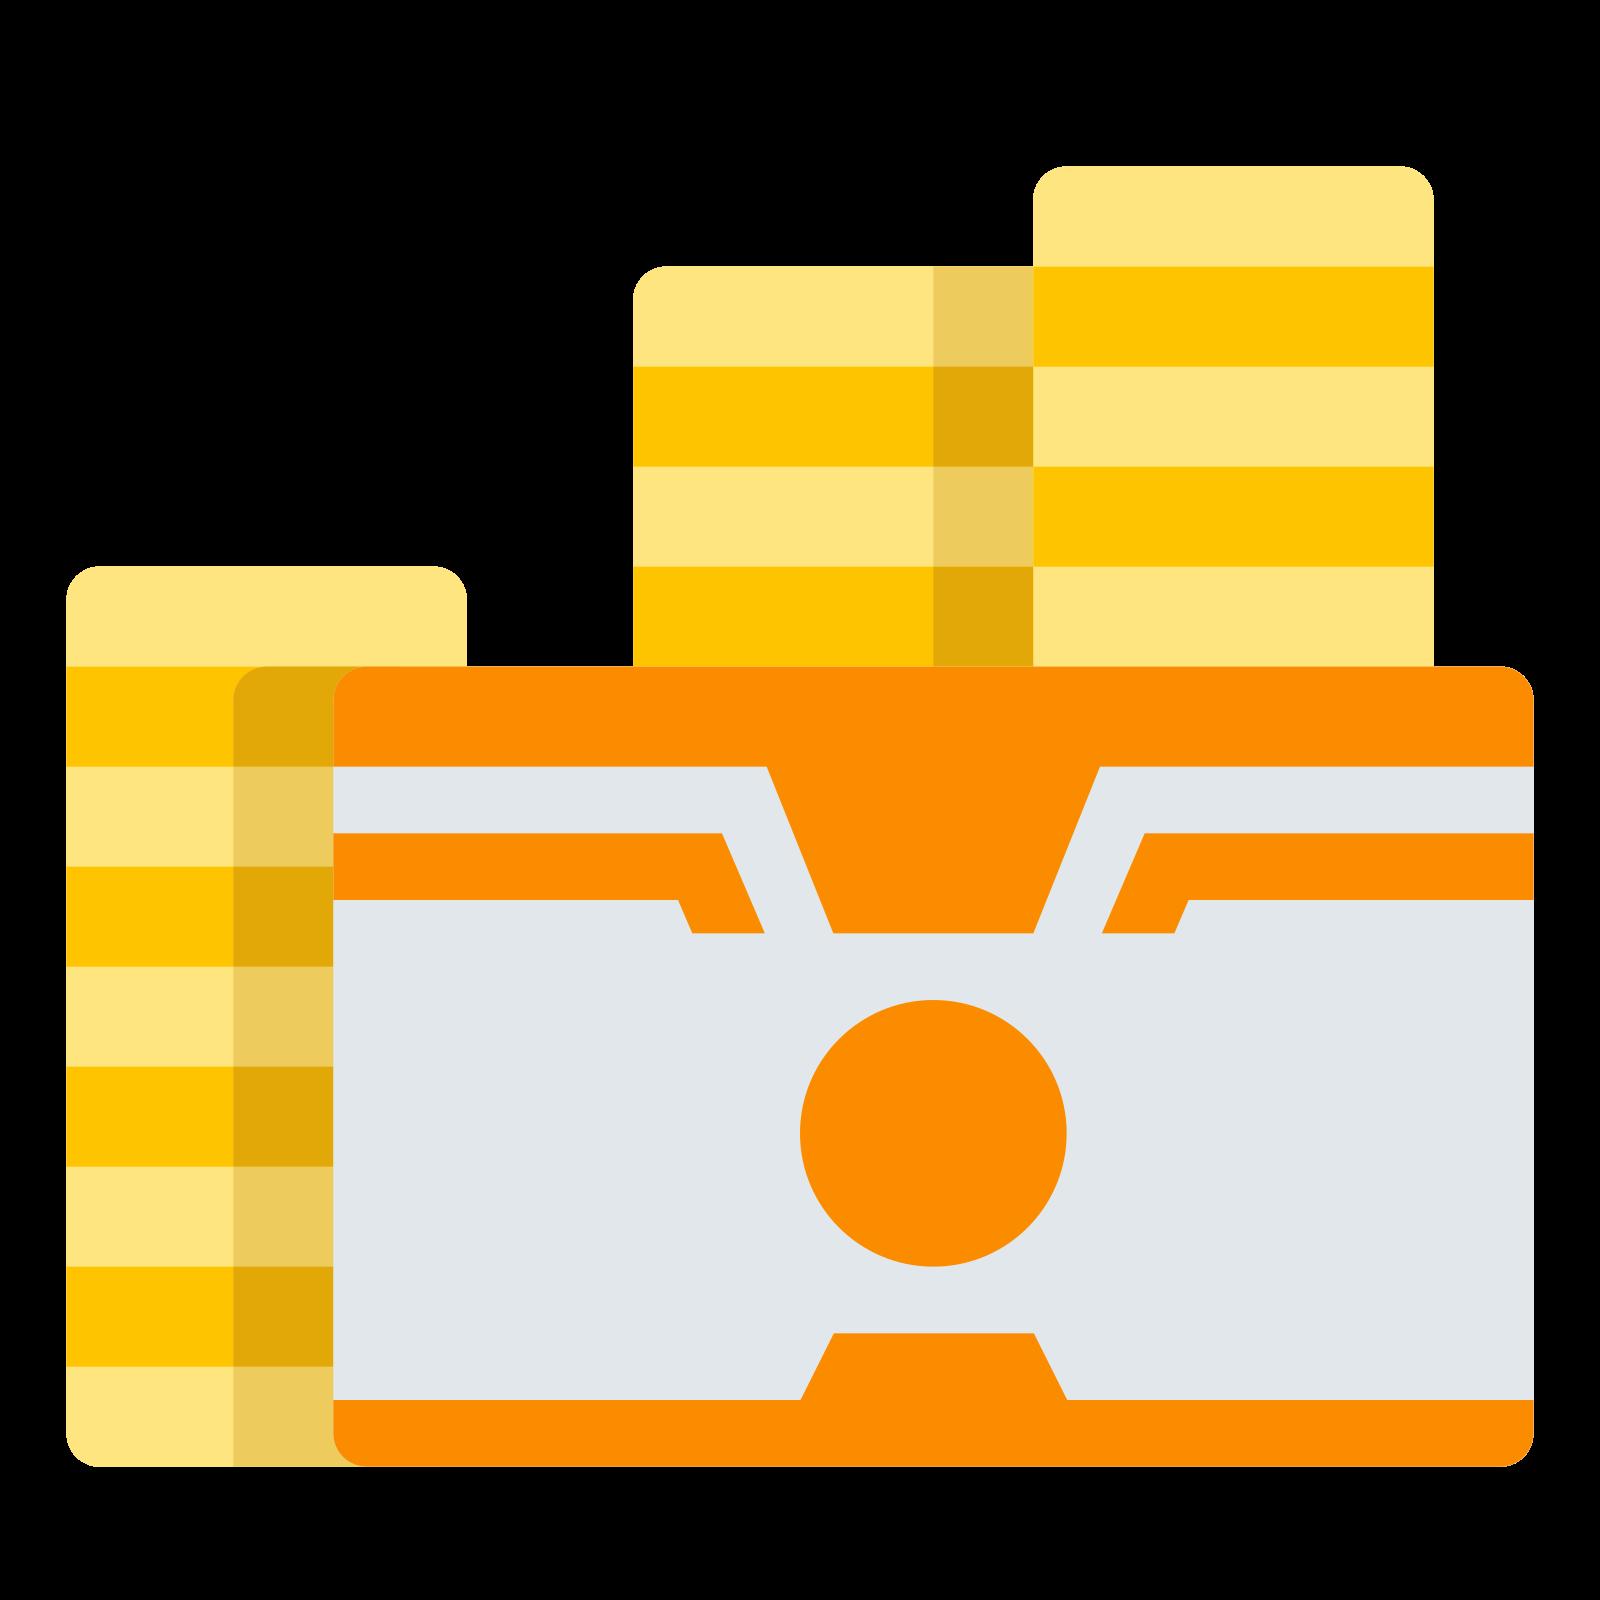 Pokecoins icon